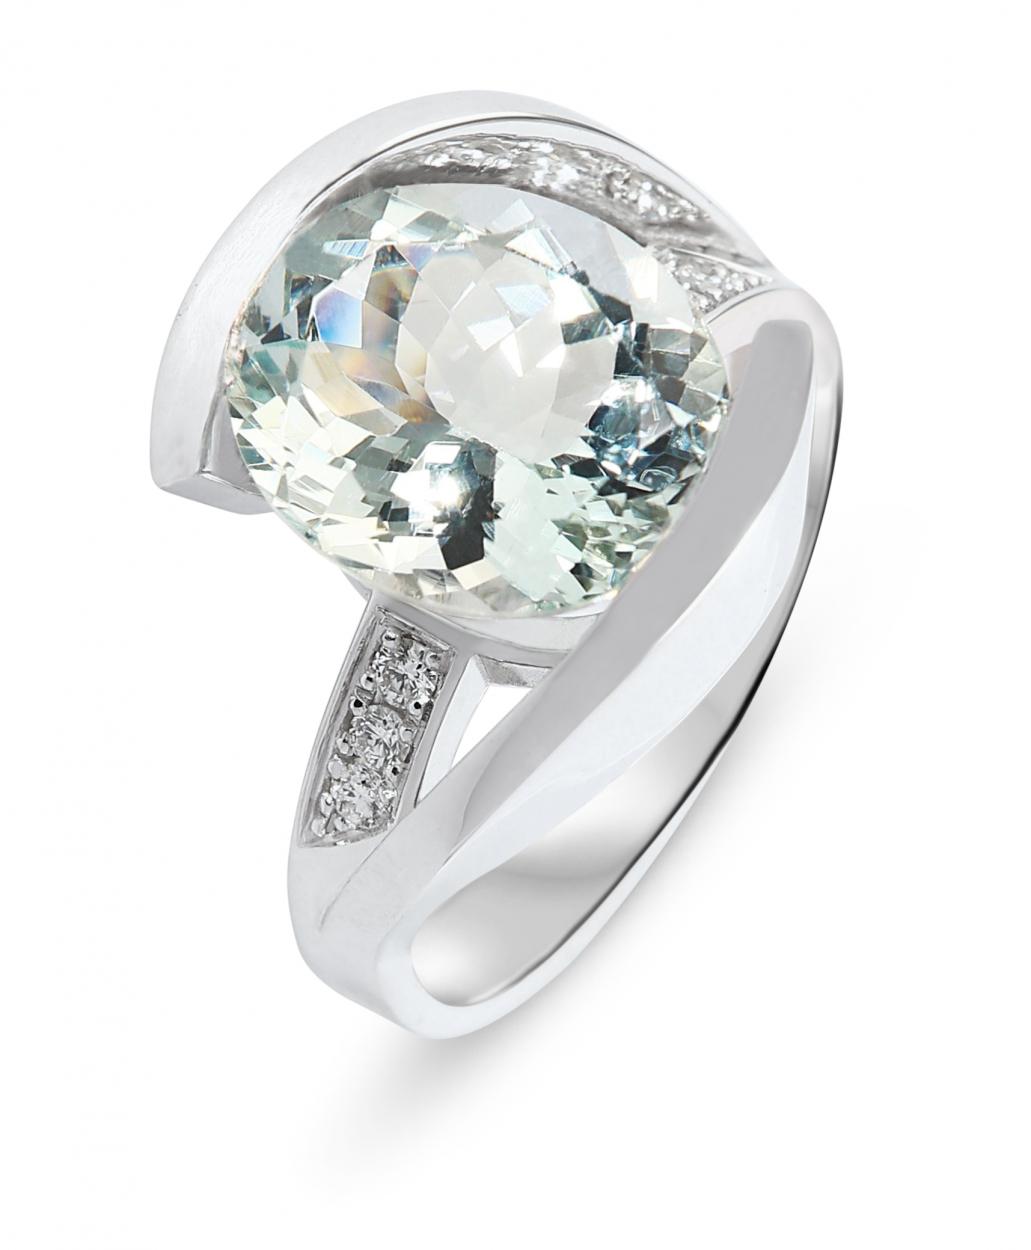 bague or blanc aigue marine 12x8mm et diamants ref 31033. Black Bedroom Furniture Sets. Home Design Ideas